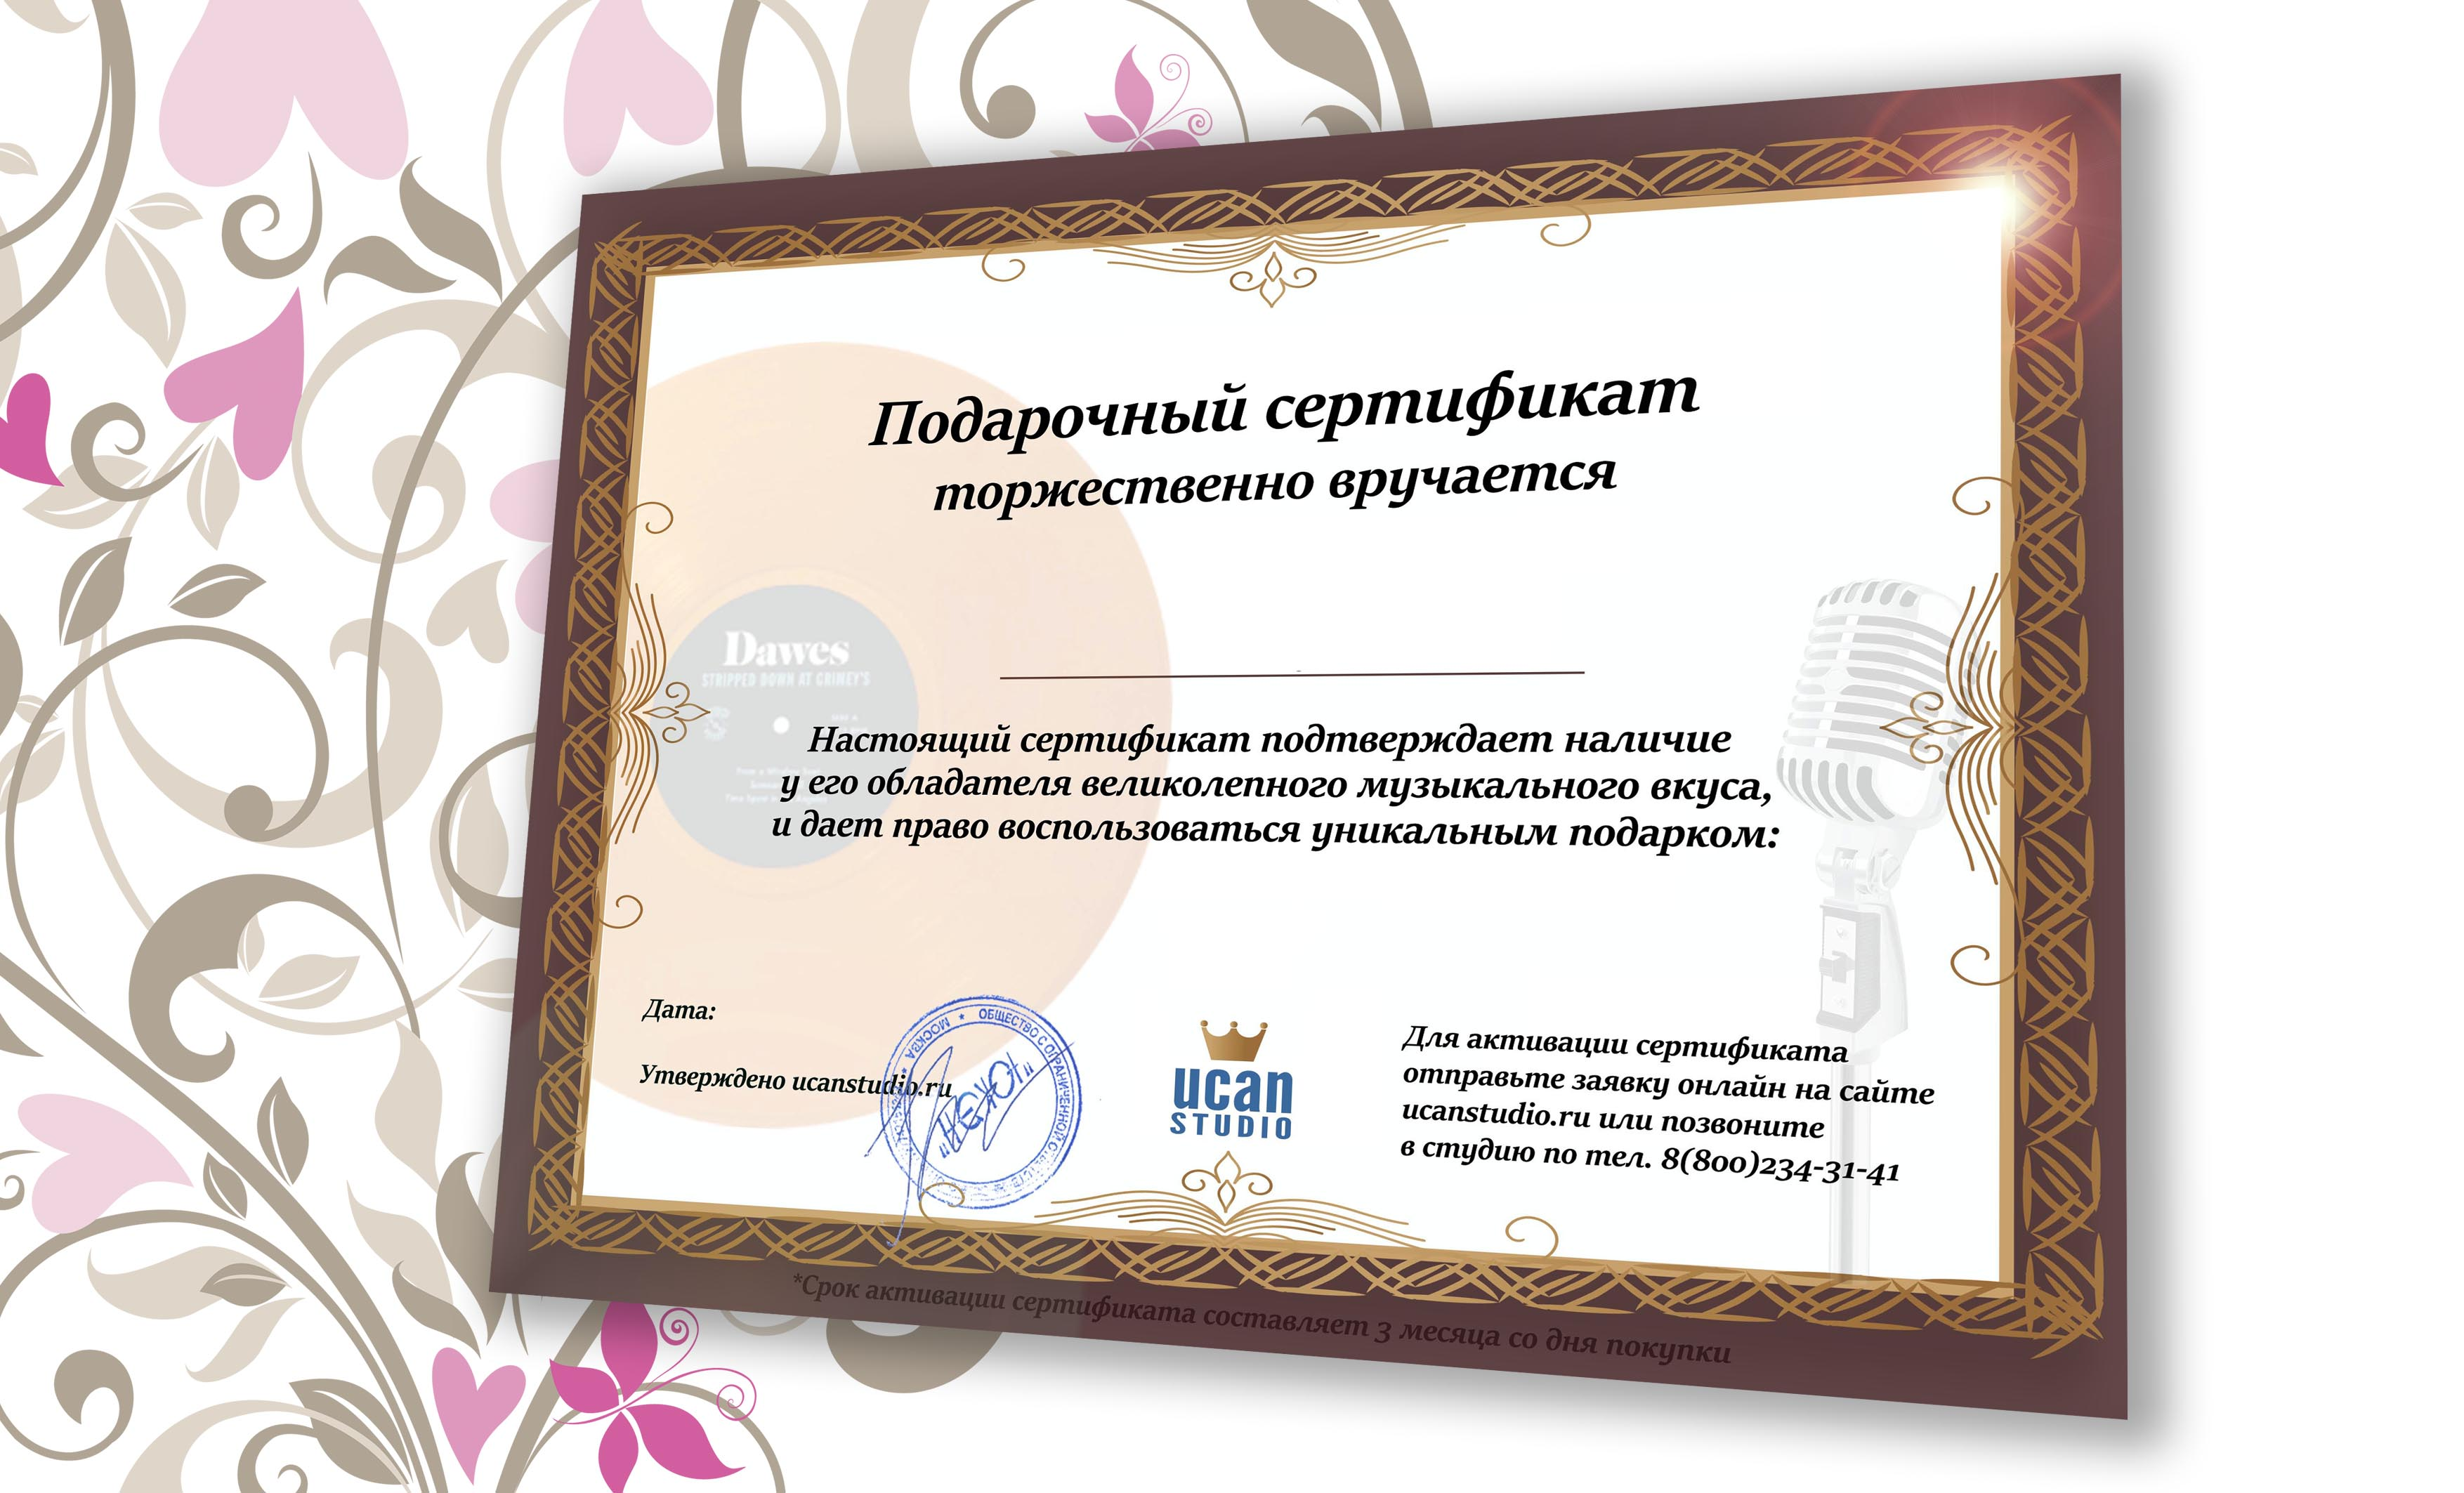 Подарочный сертификат на запись песни в студии